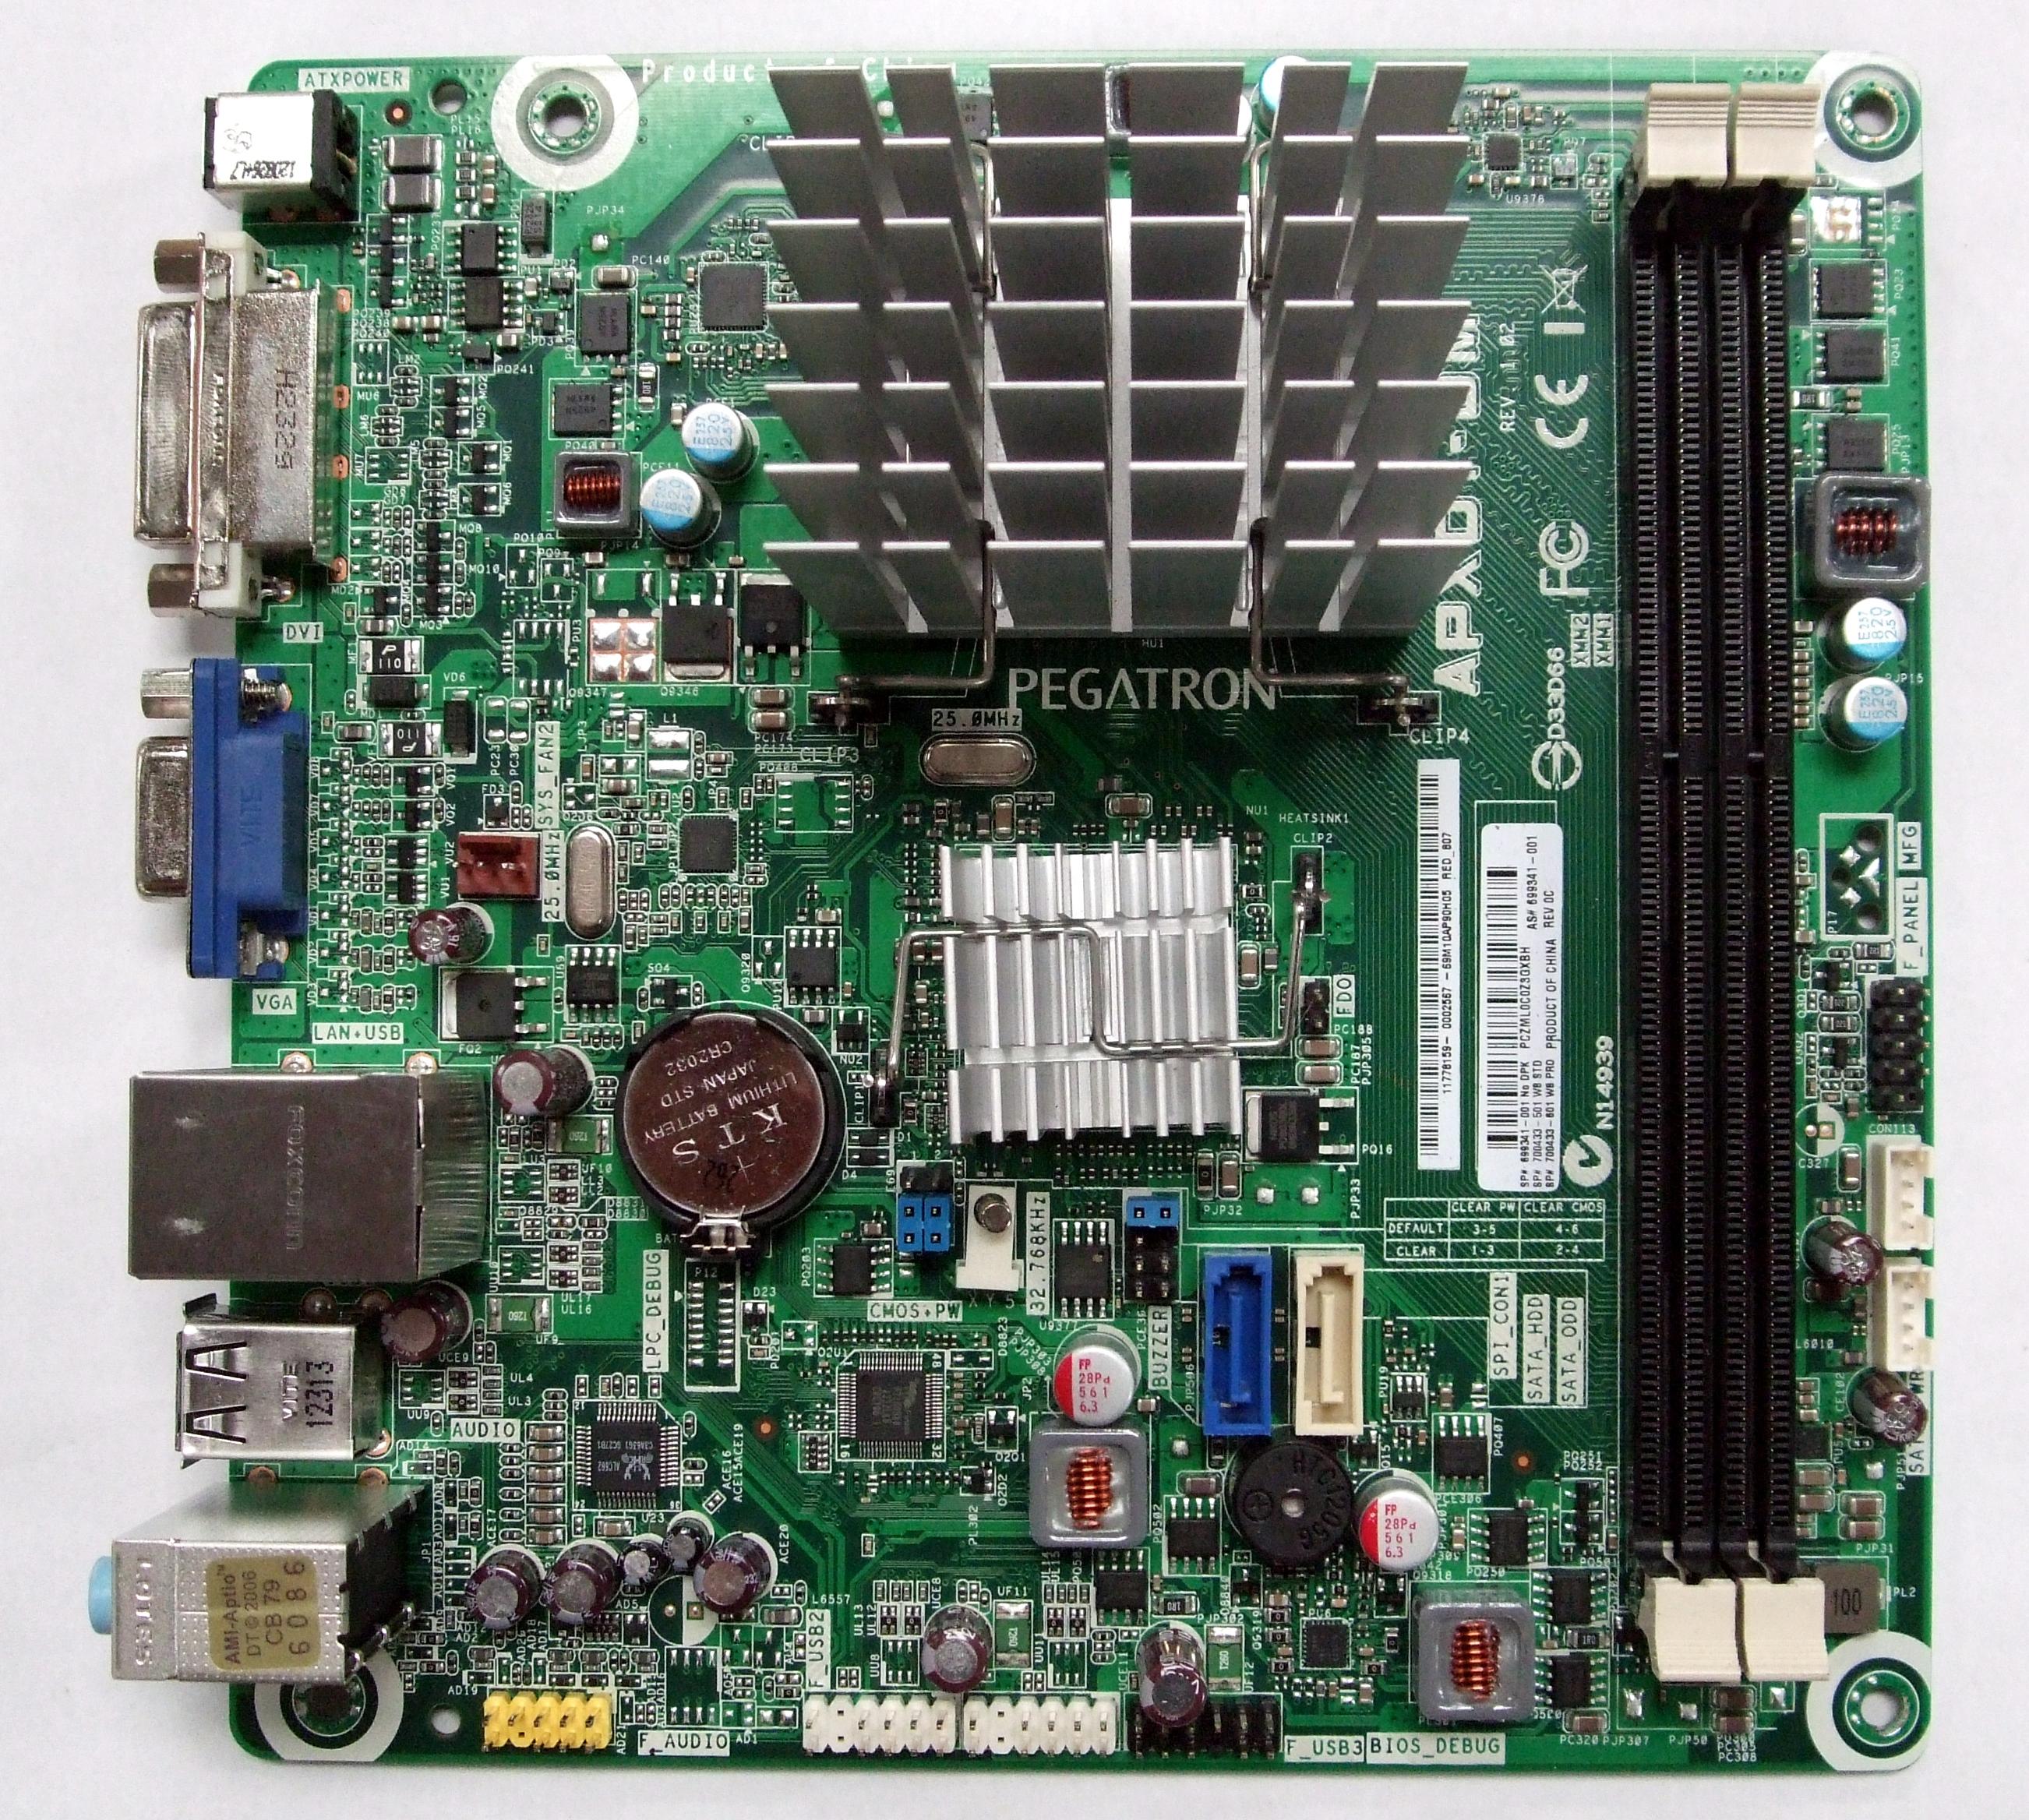 HP 699341-001 APXD1-DM System Motherboard Rev:1.02 w/ AMD E1-1200 APU